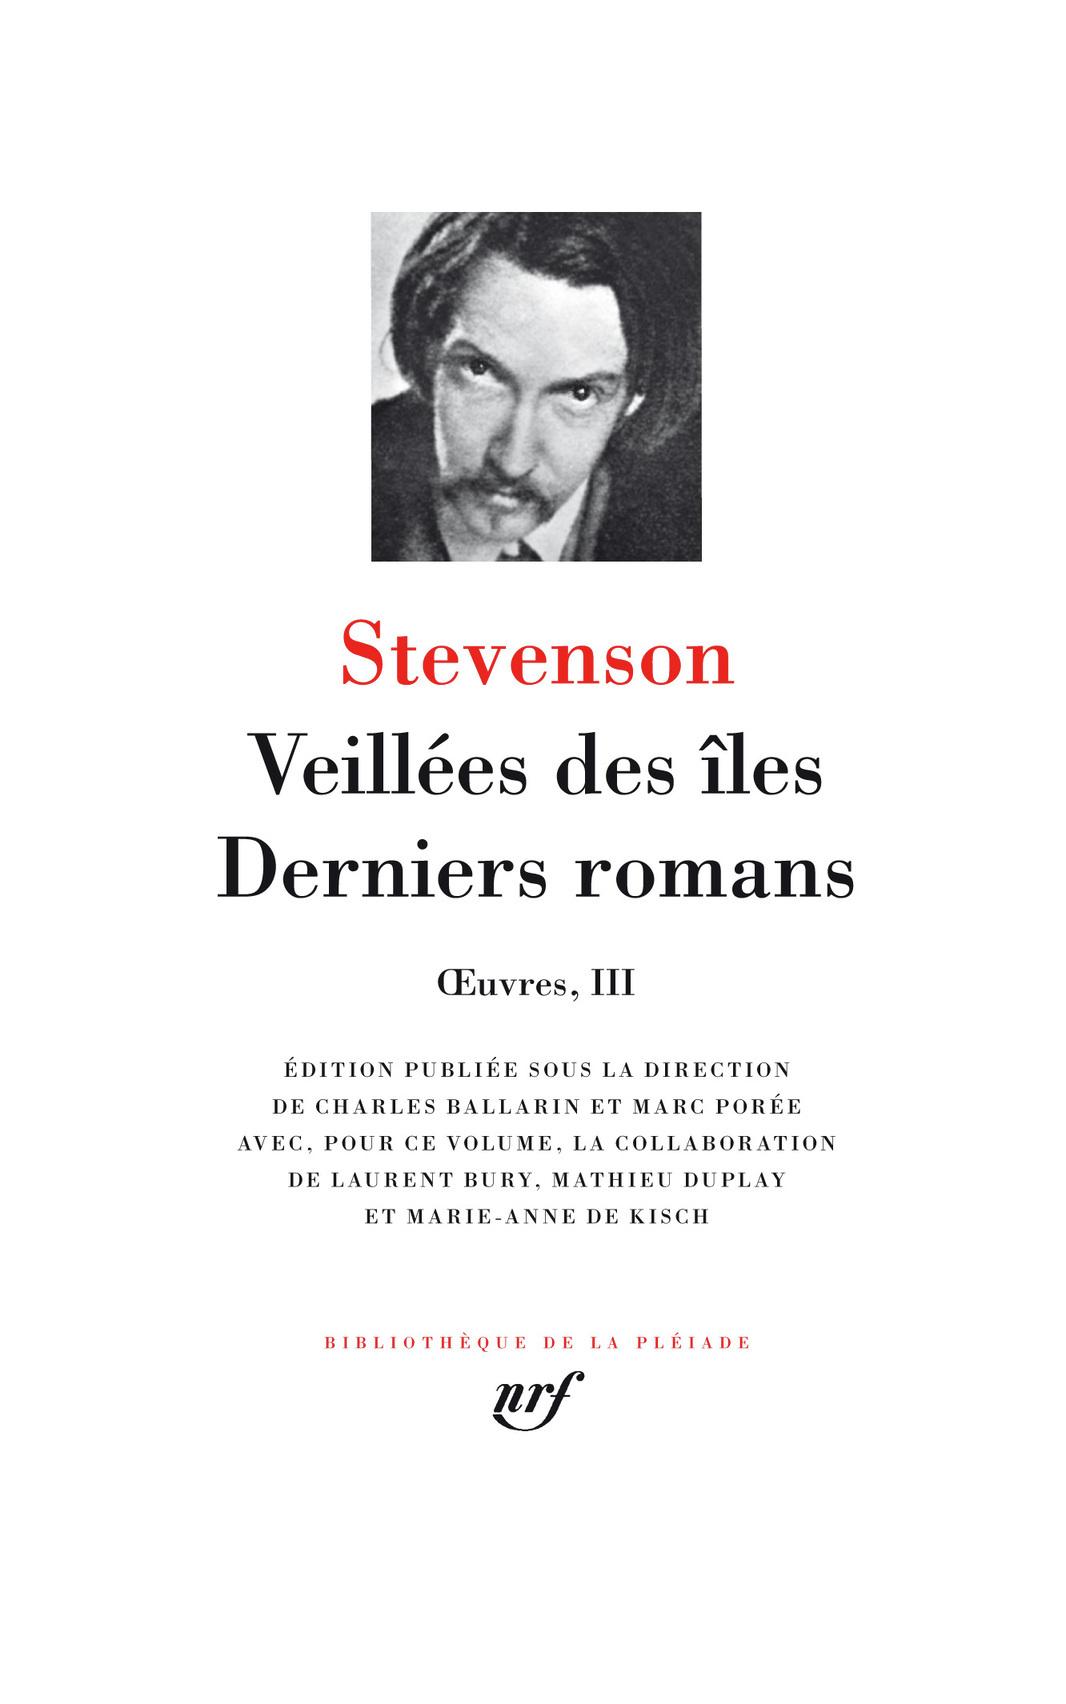 OEUVRES, III : VEILLEES DES ILES - DERNIERS ROMANS